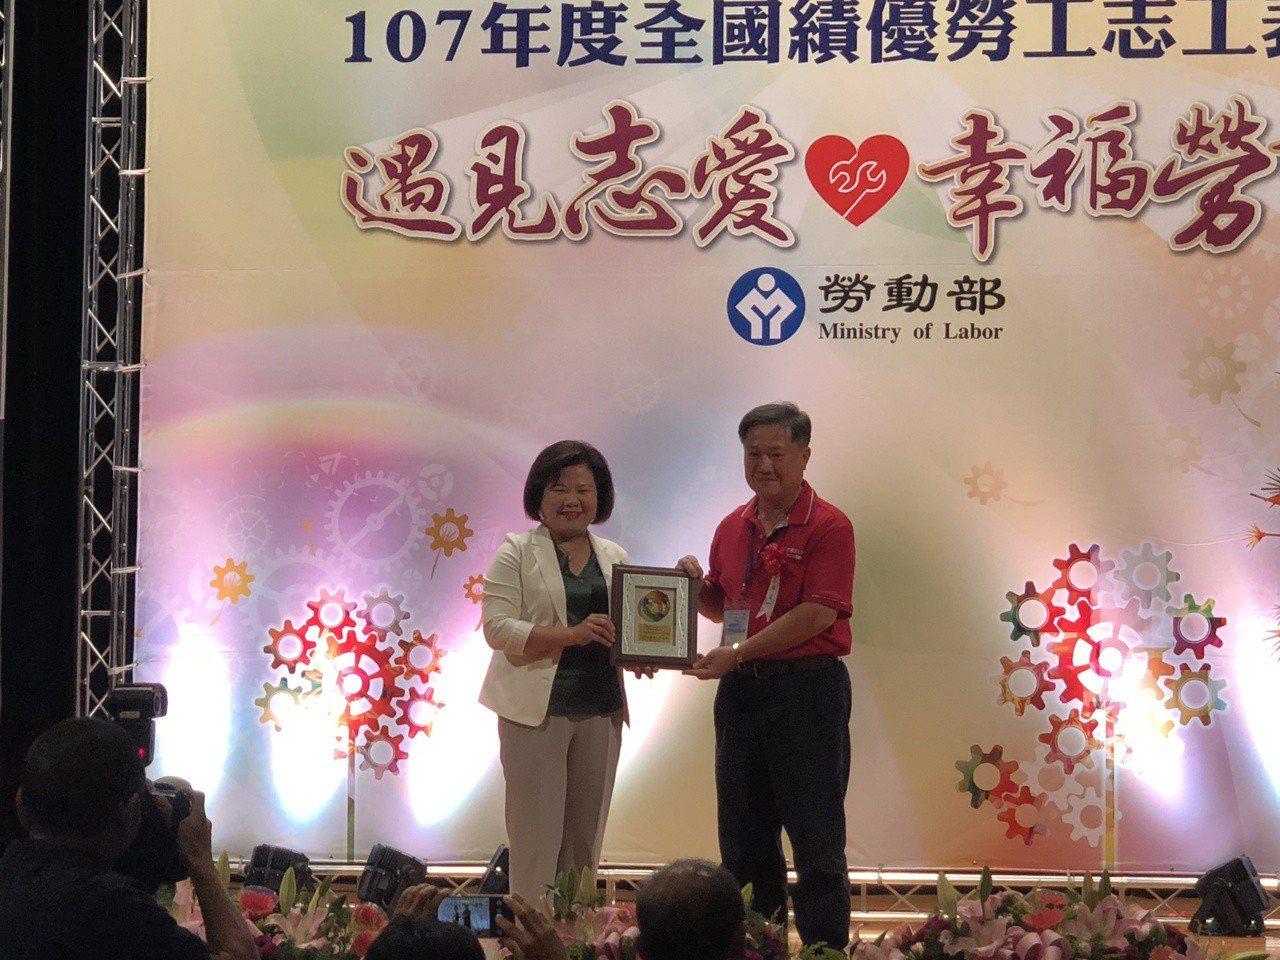 台南市勞工志願服務協會團隊志工不少具水電、泥水、油漆、木工等專長,因熱心幫助職災...